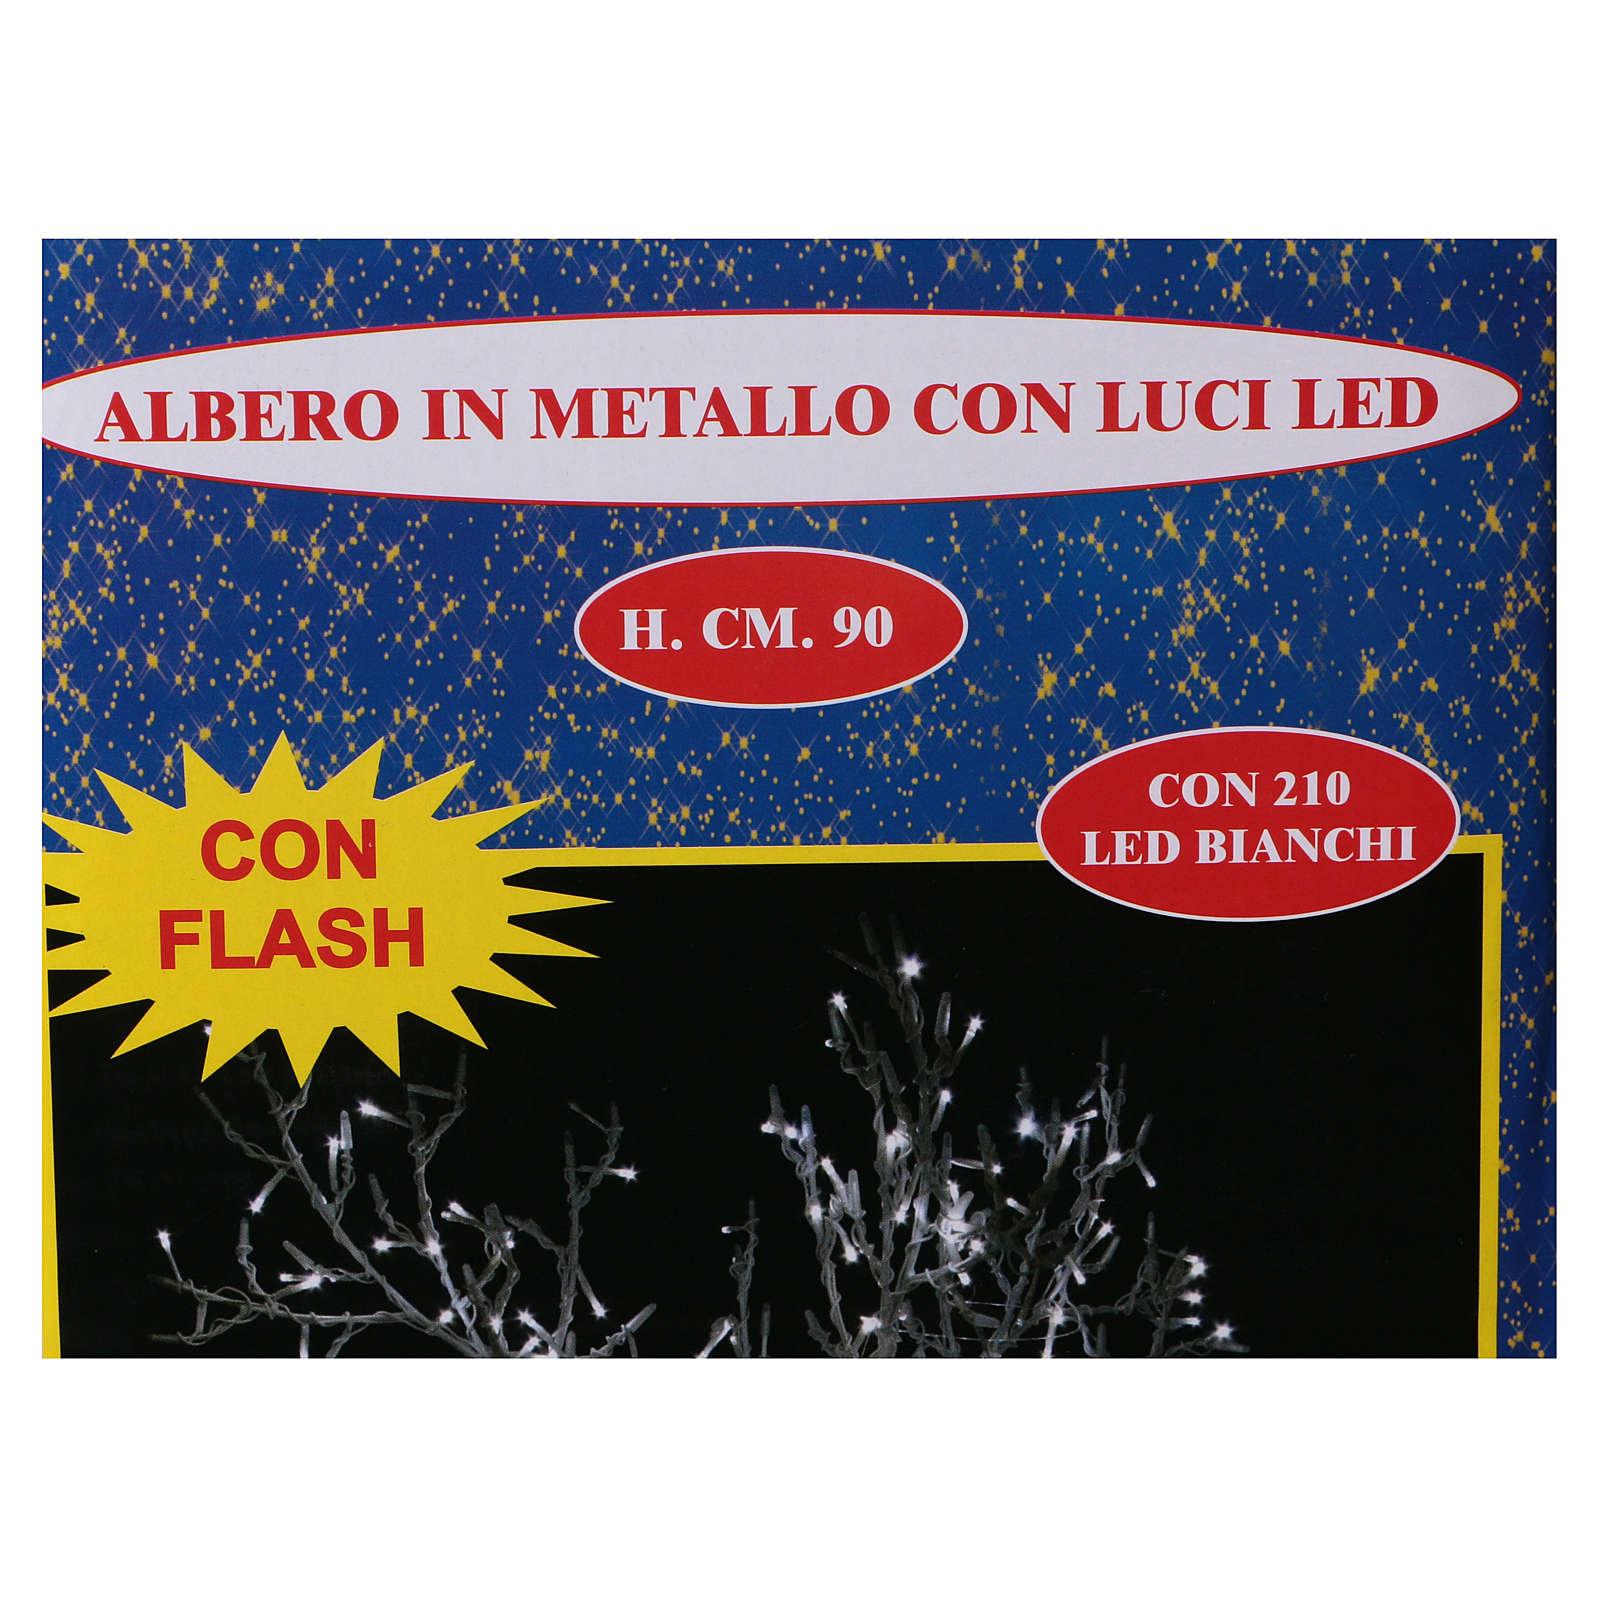 Albero luminoso Natalizio metallo 90 cm 210 LED bianco freddo esterno 3